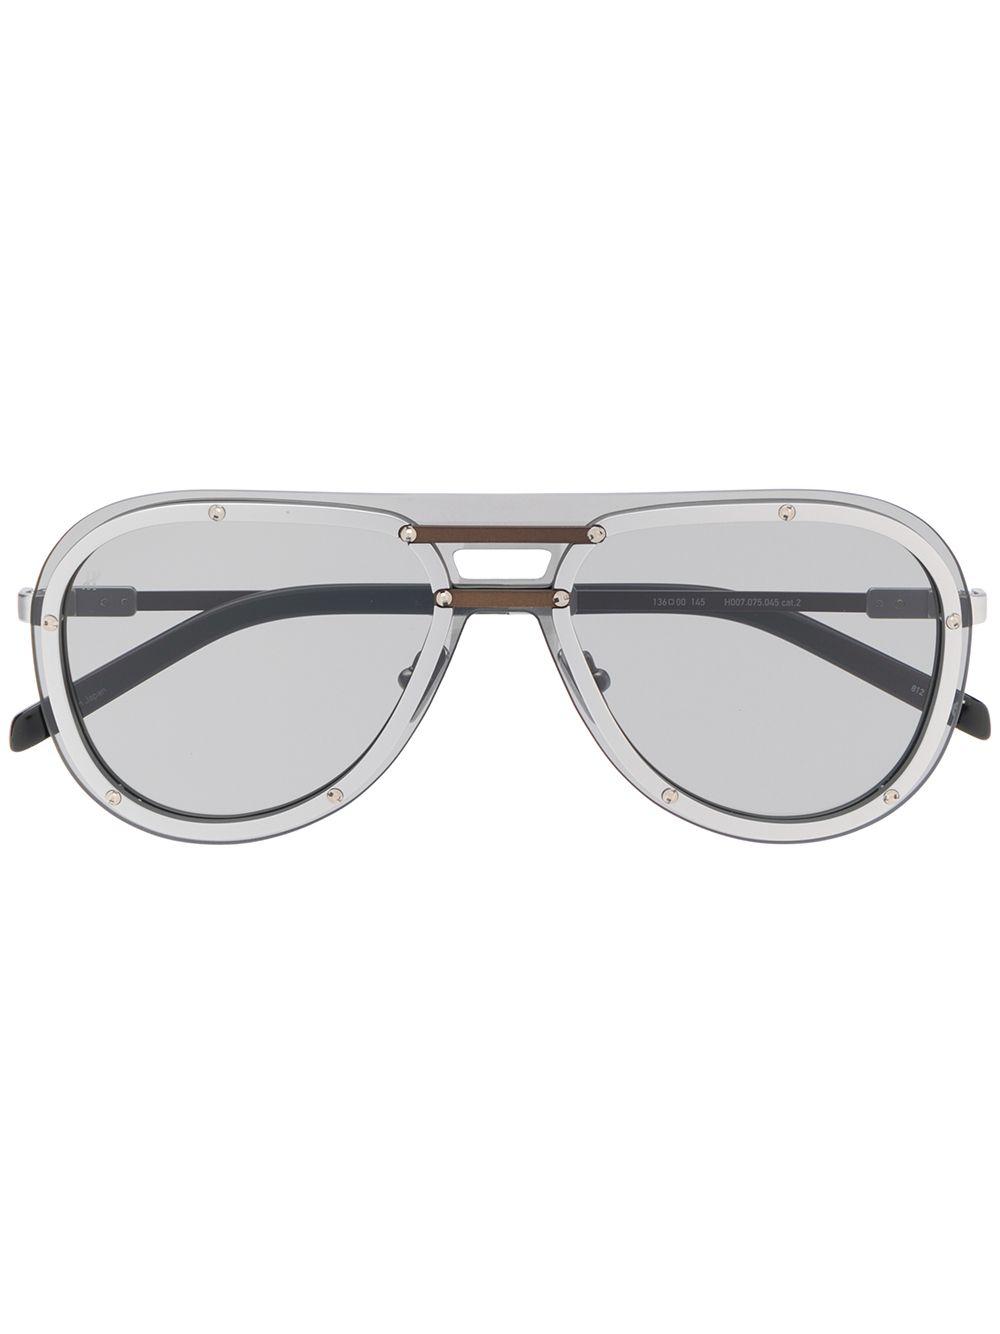 Shop Hublot Eyewear Aviator Frame Sunglasses 银色